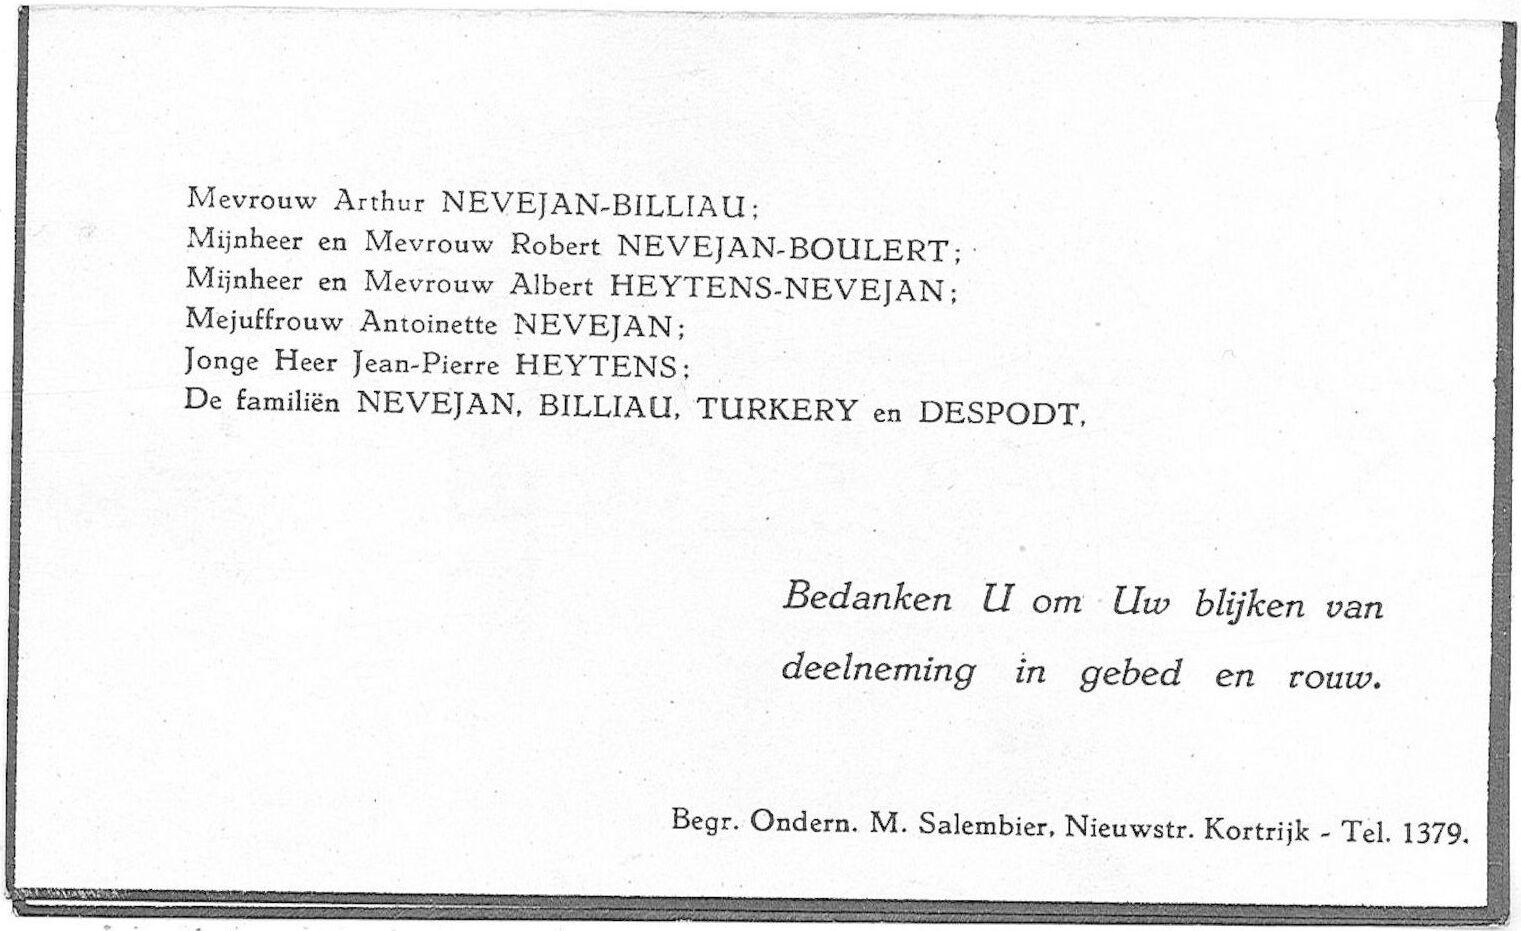 Arthur-Theophile-Cornelius Nevejan